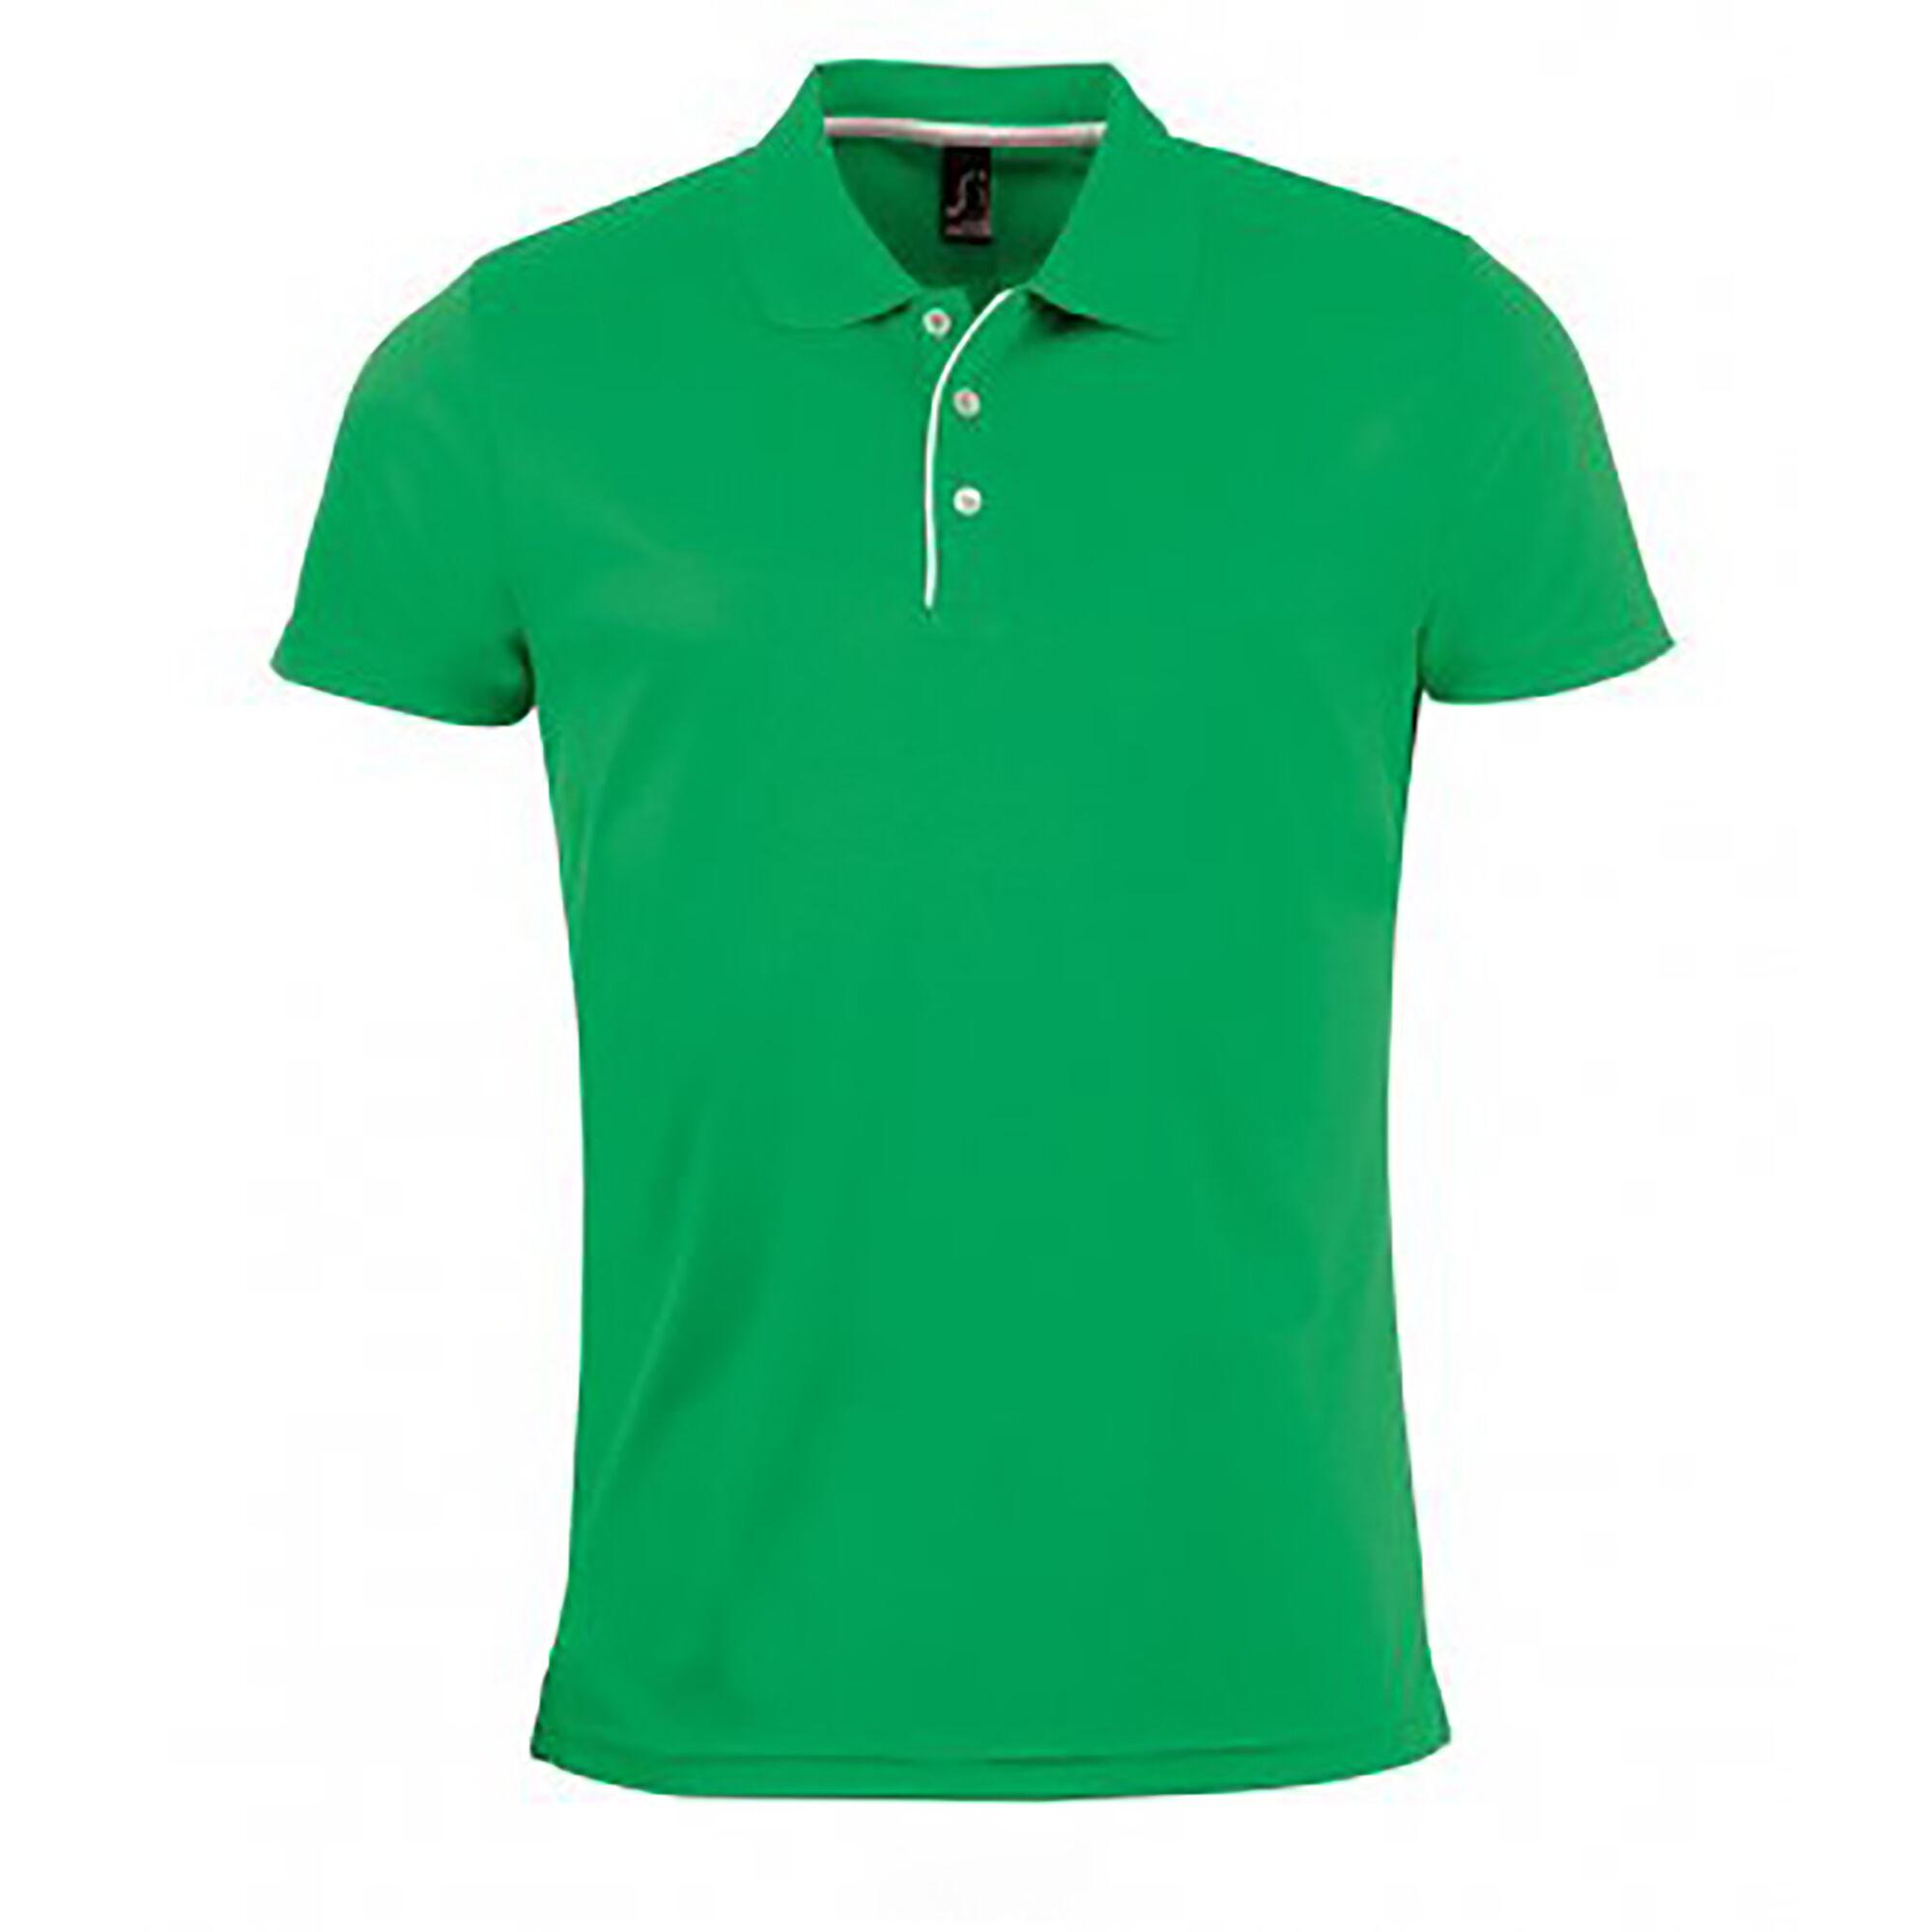 Sols - Polo Sport - Homme (Vert tendre) - UTPC2162